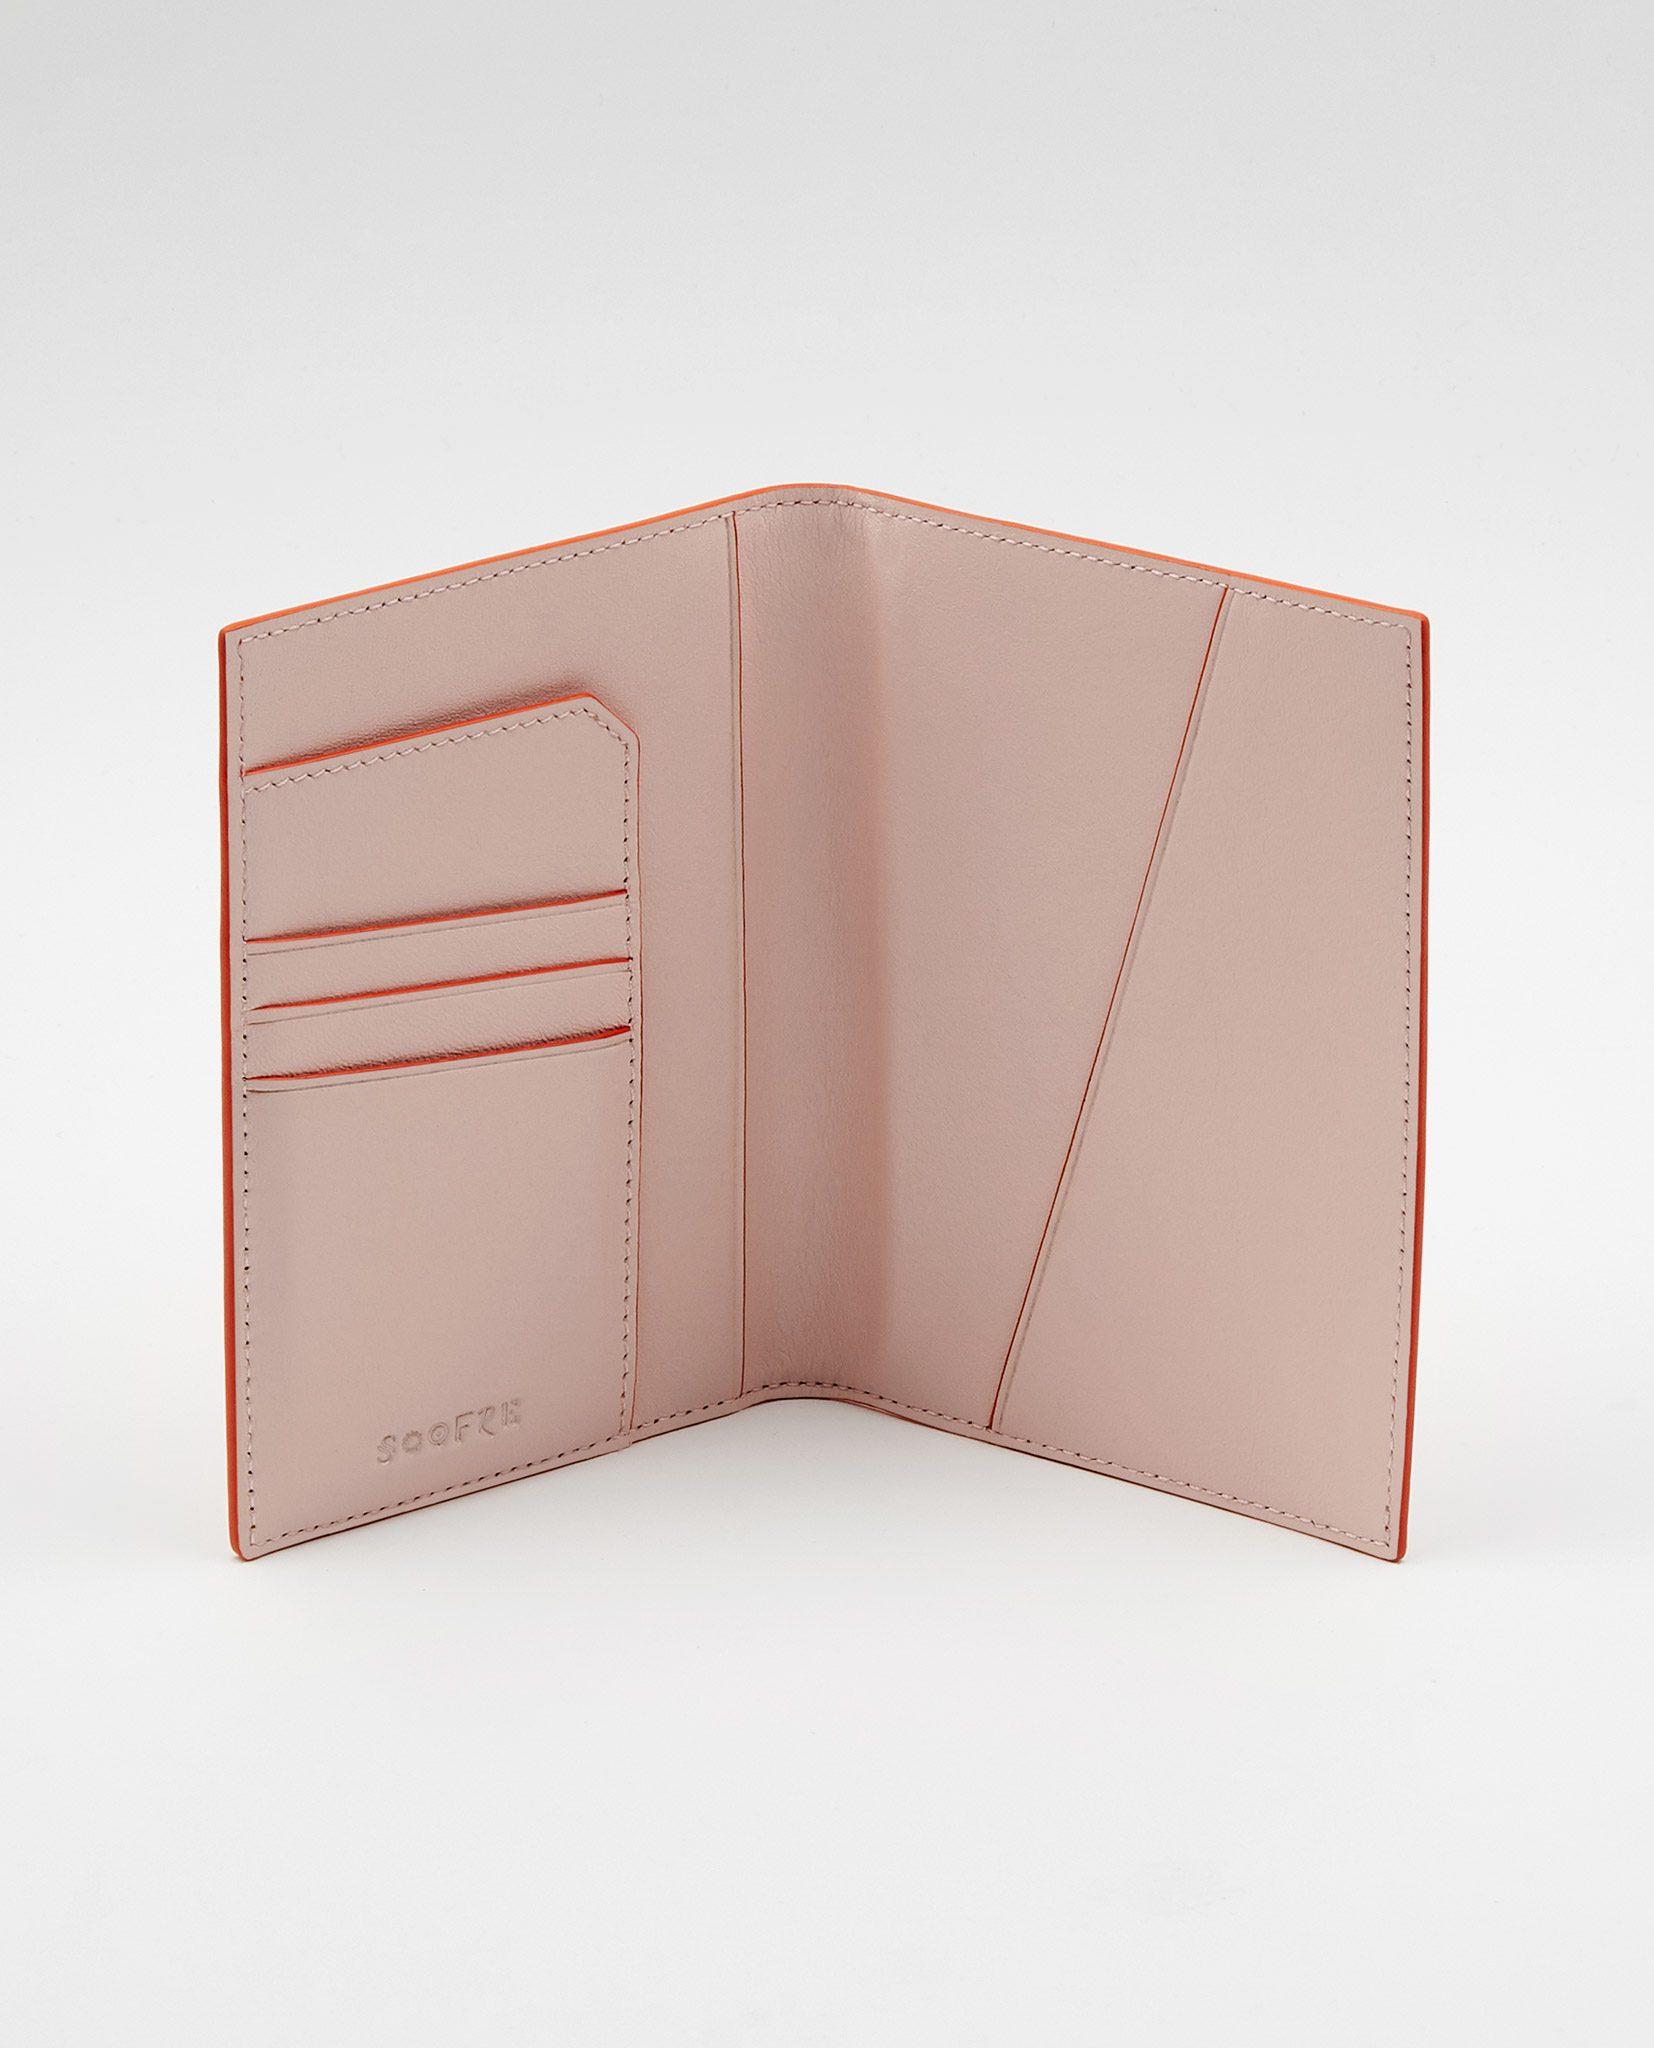 Soofre_Passport-Holder_Coral-Blush-2n